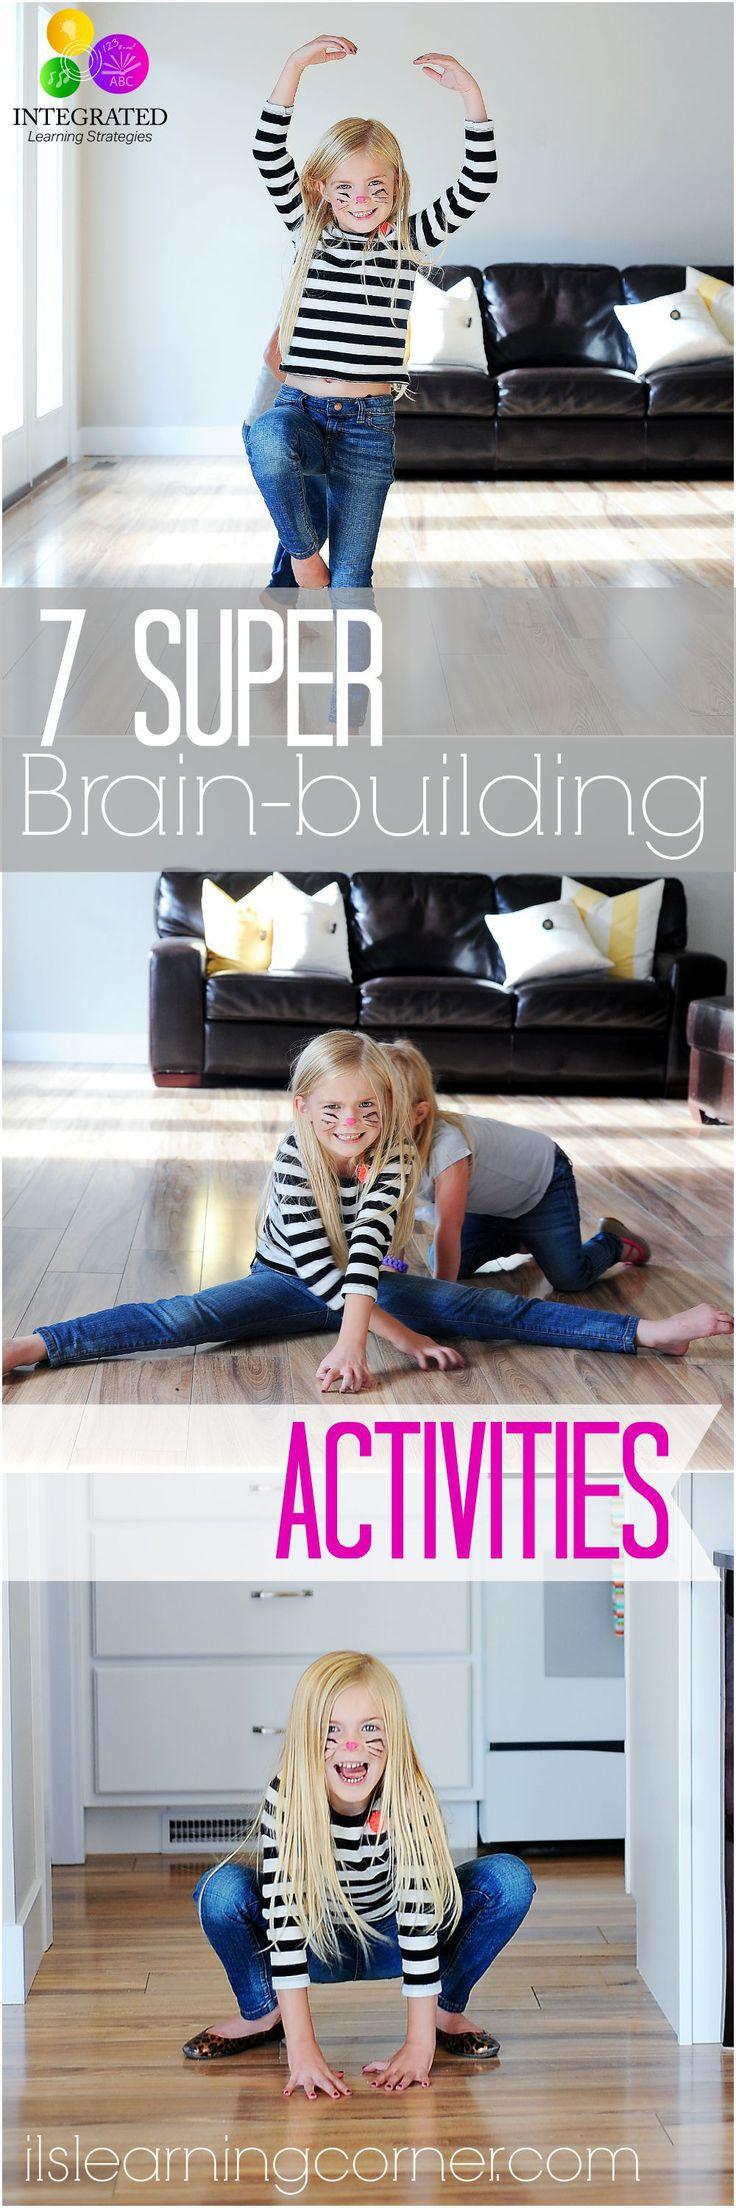 7 Super Brain-building Gross Motor Activities for Kids | ilslearningcorner.com #kidsactivities